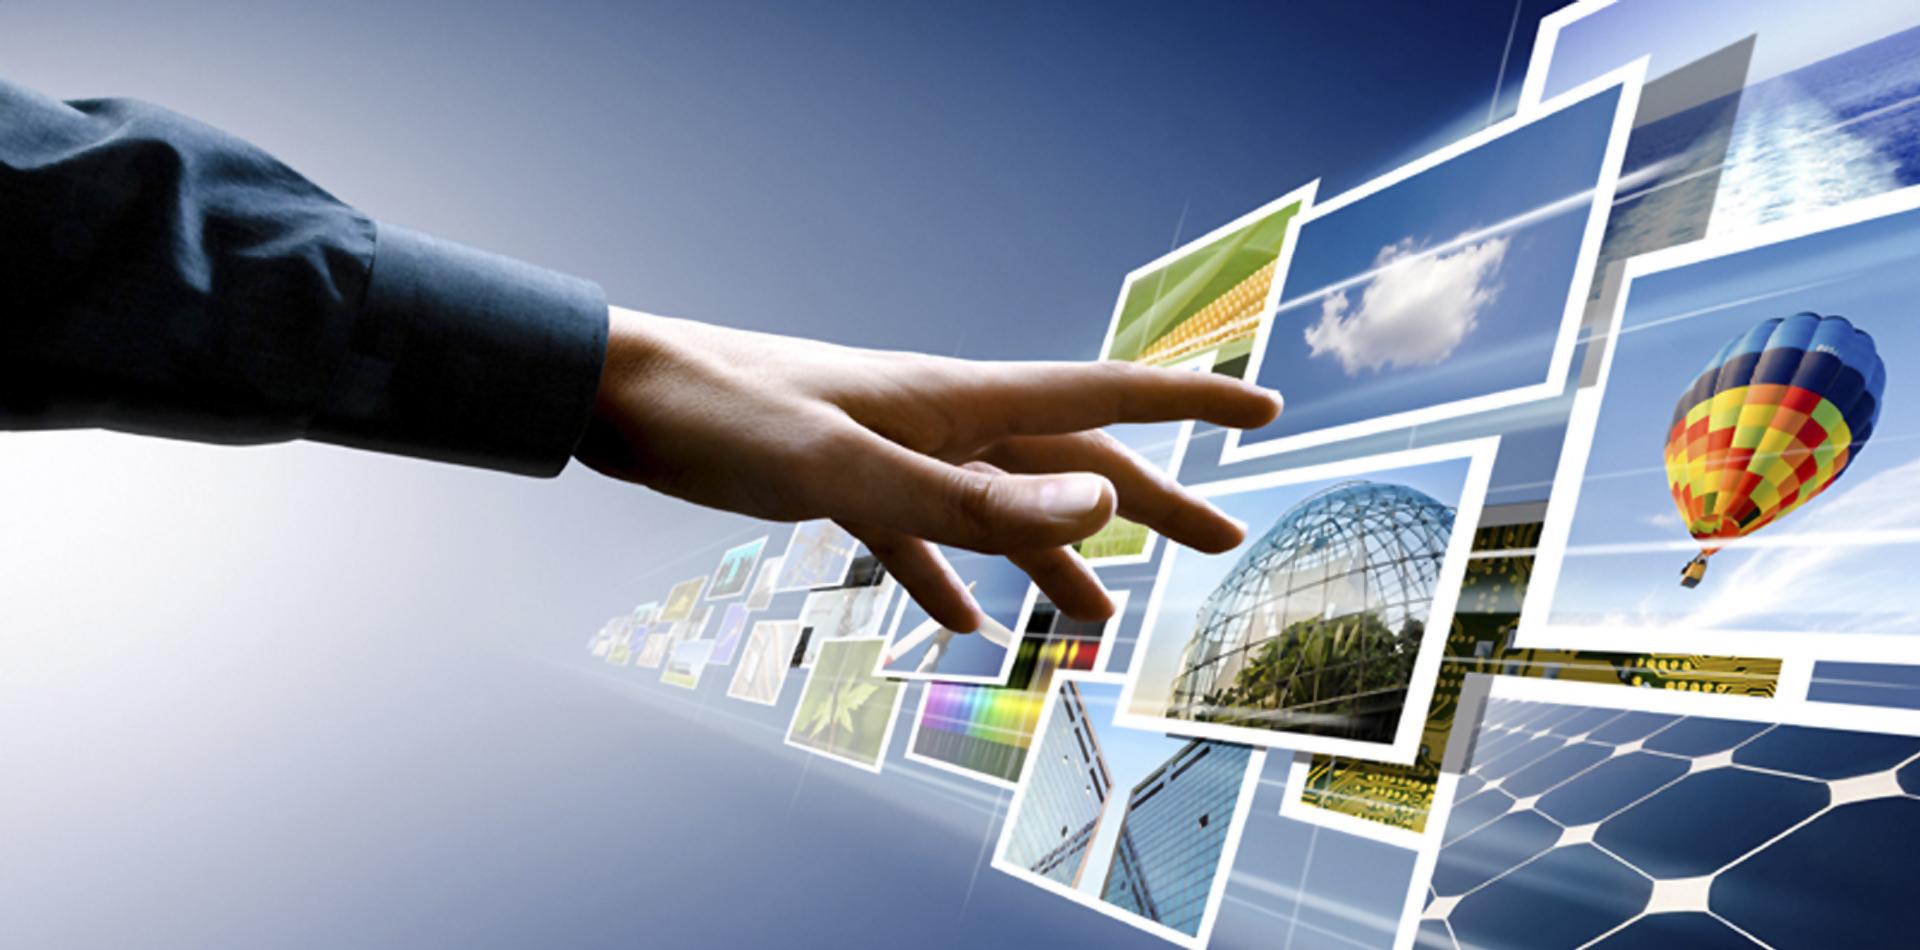 Создание сайтов. Почему следует доверять профессионалам